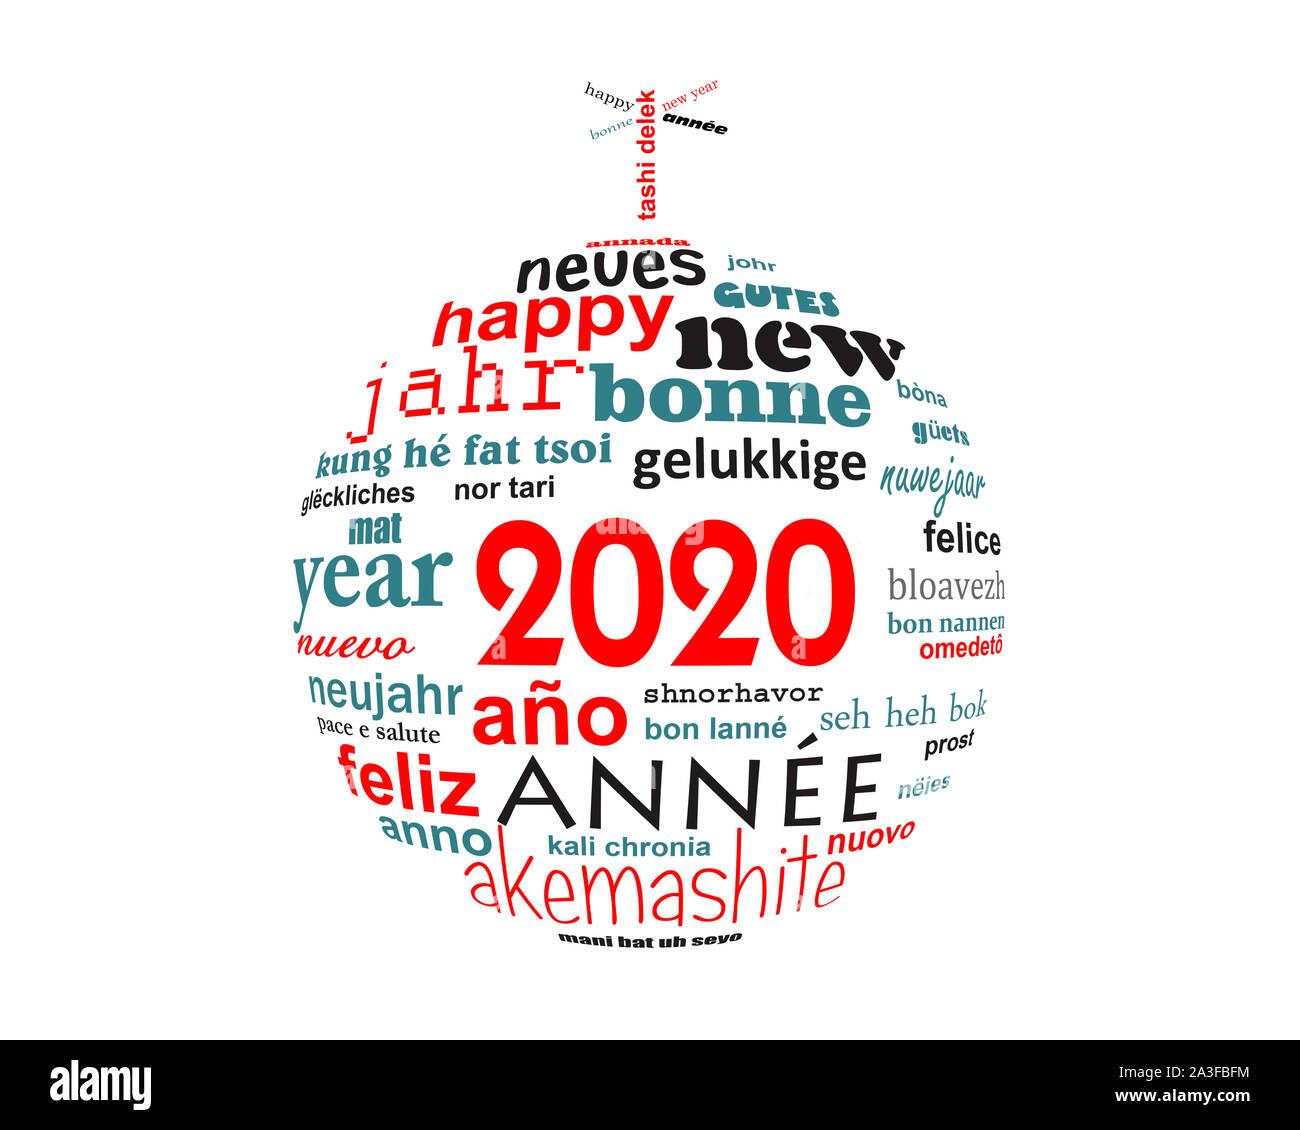 Nouvel an 2020 nuage de mots de texte multilingue carte de